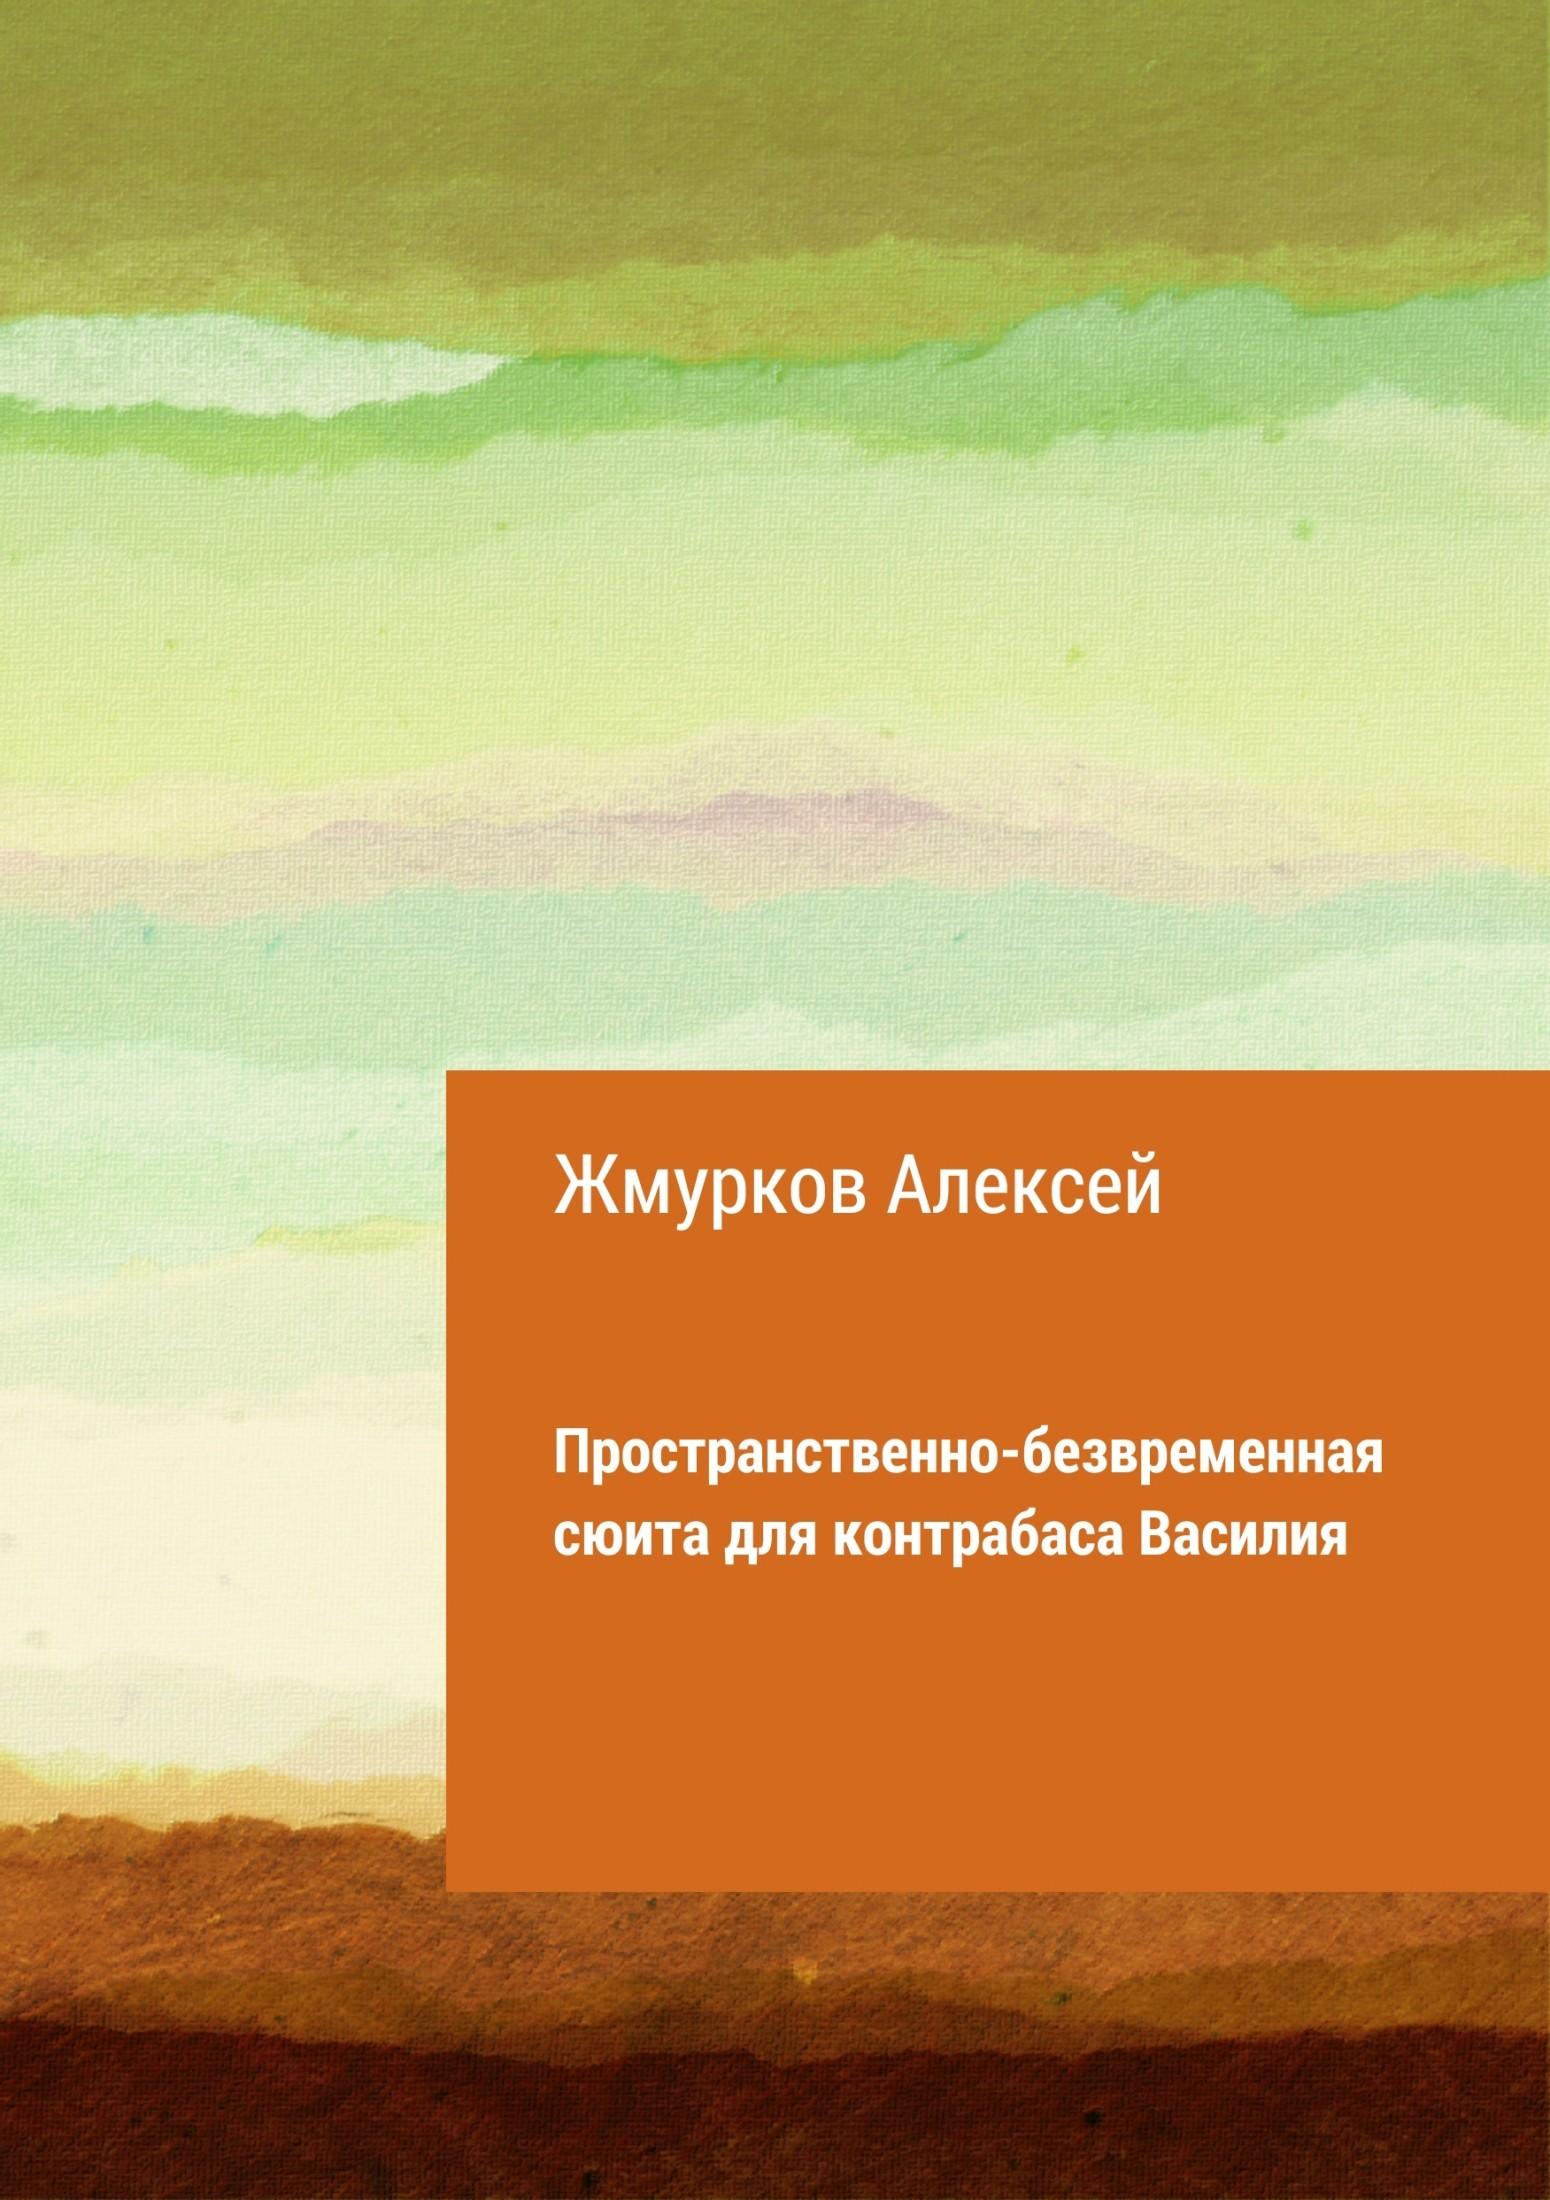 Алексей Николаевич Жмурков. Пространственно-безвременная сюита для контрабаса Василия